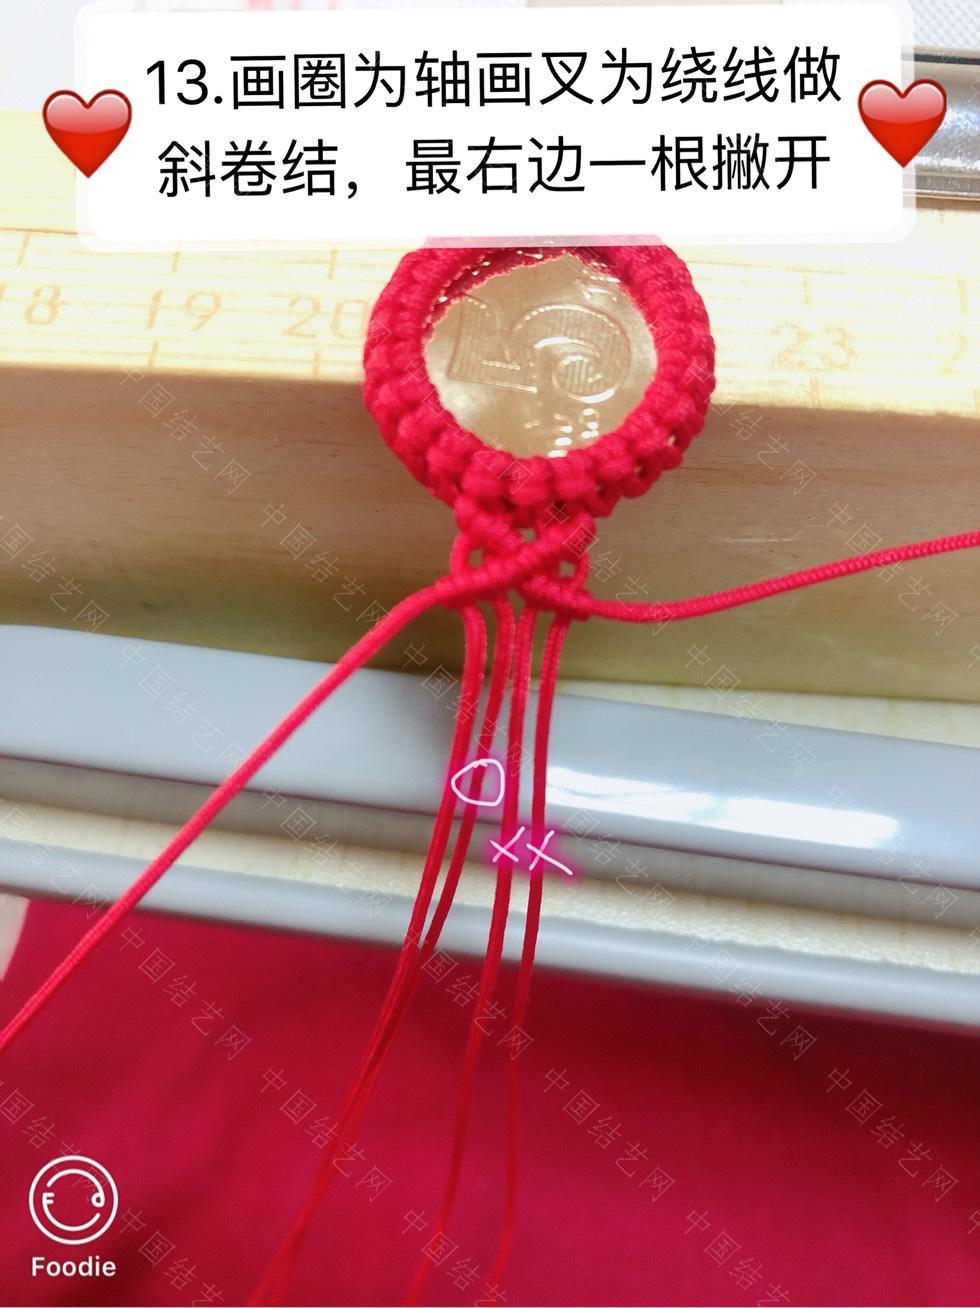 中国结论坛 五毛硬币手链(宽版)  图文教程区 185026mngu7l110c0zt8g0